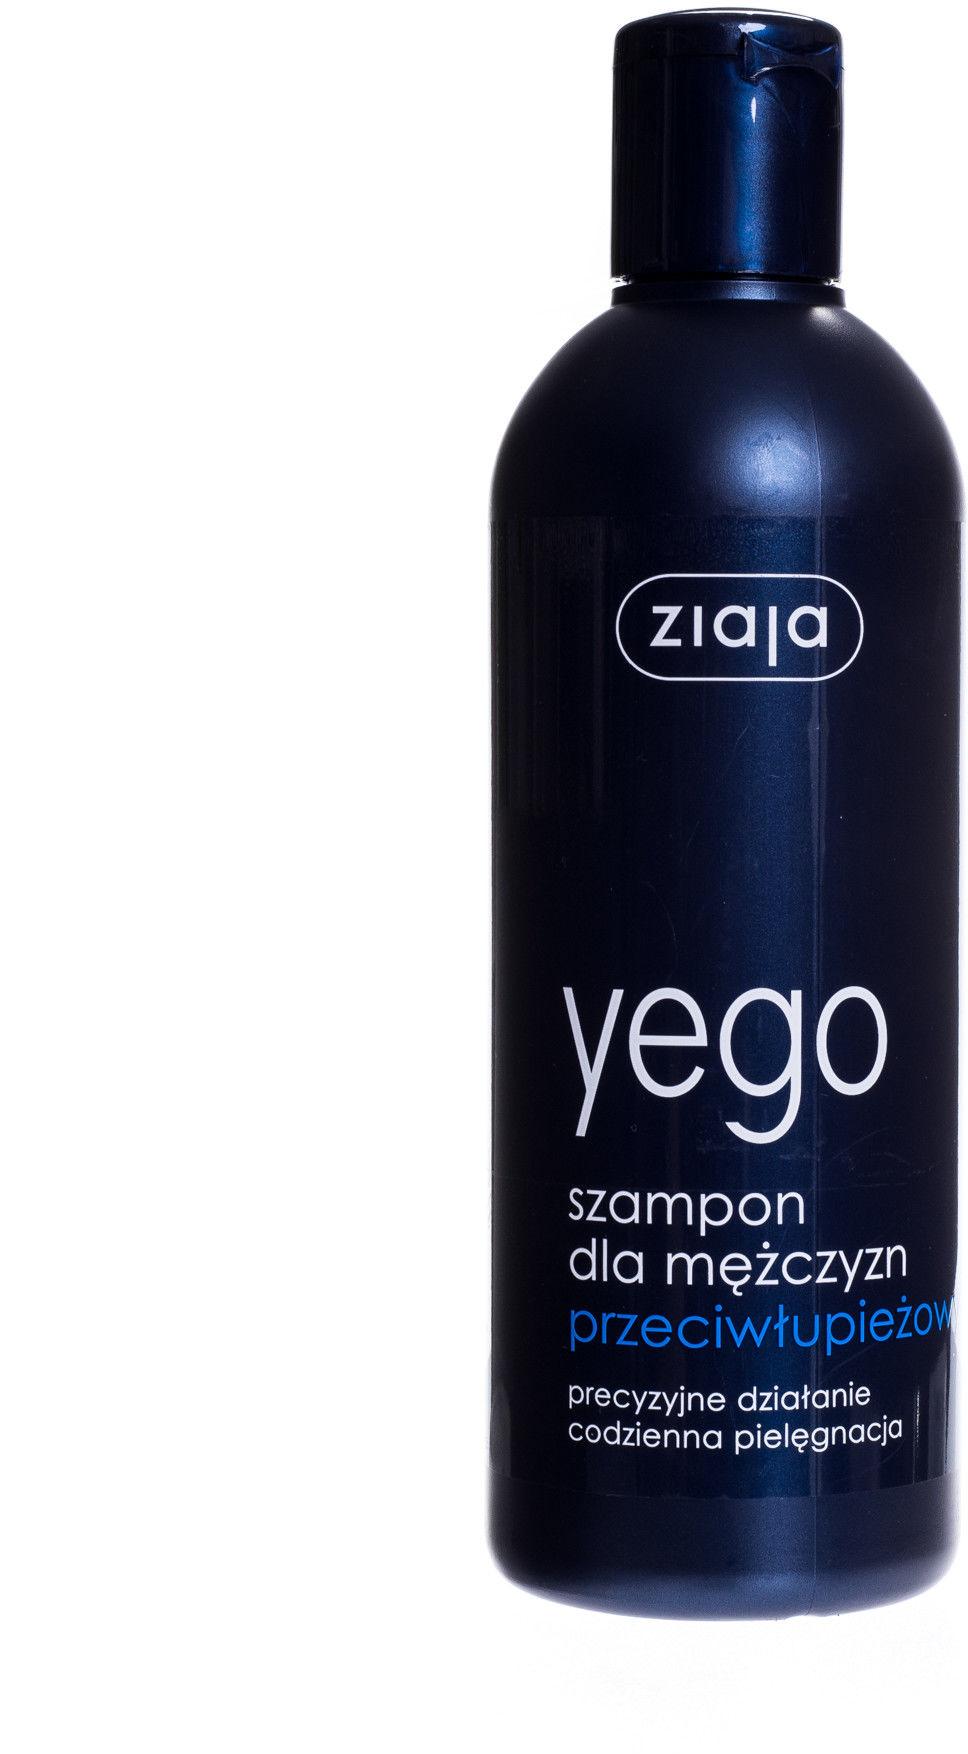 Ziaja yego szampon dla mężczyzn 300 ml